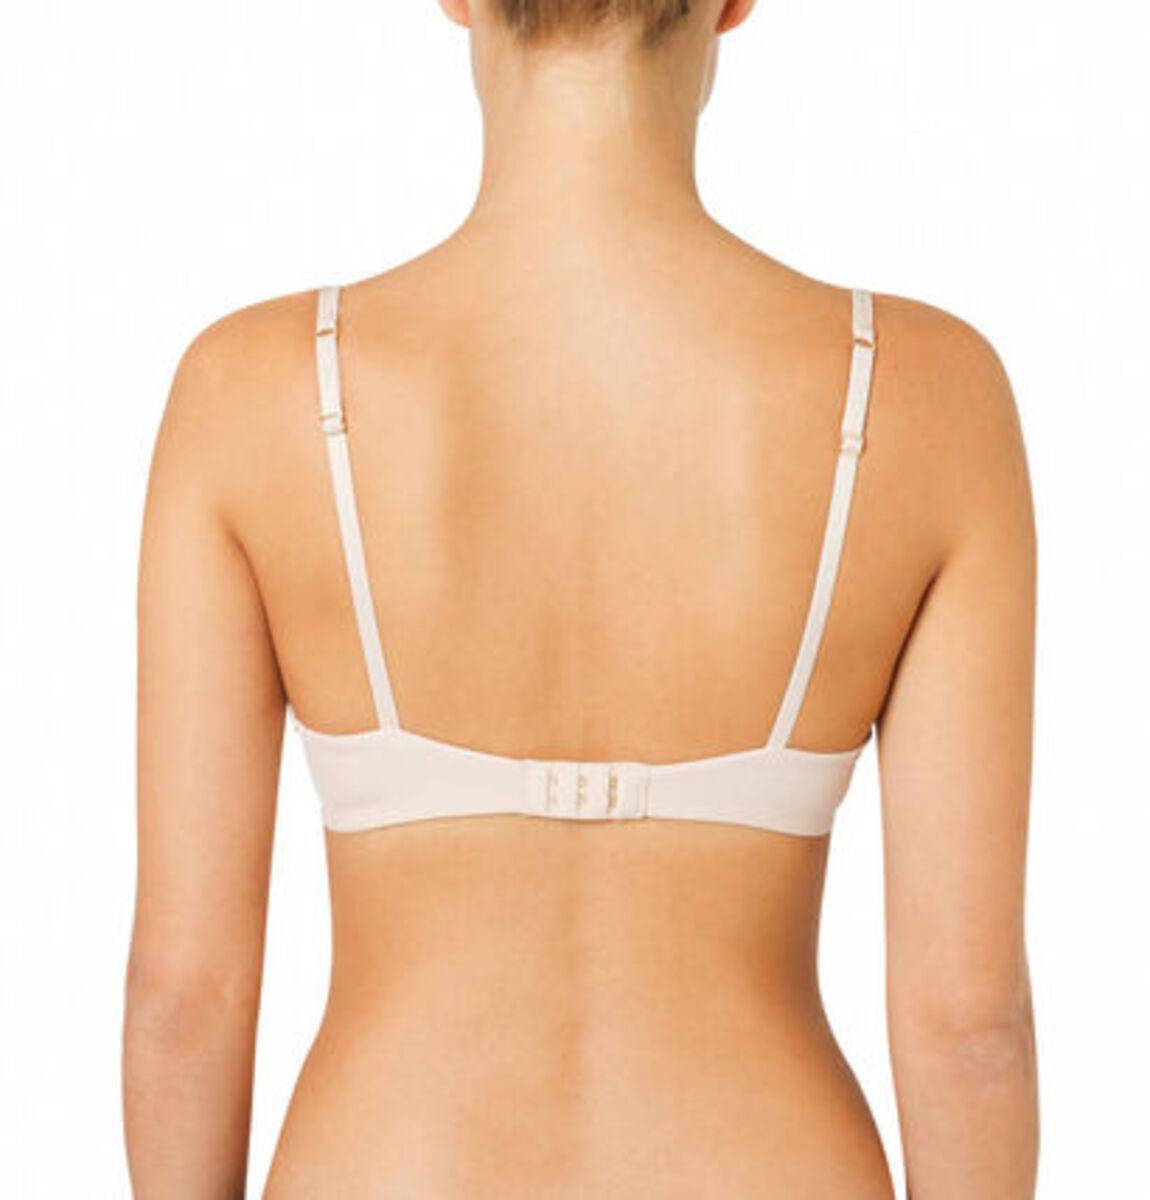 Bild 2 von Triumph Spacer-Bügel-BH Body Make Up Essential, unterlegt, für Damen